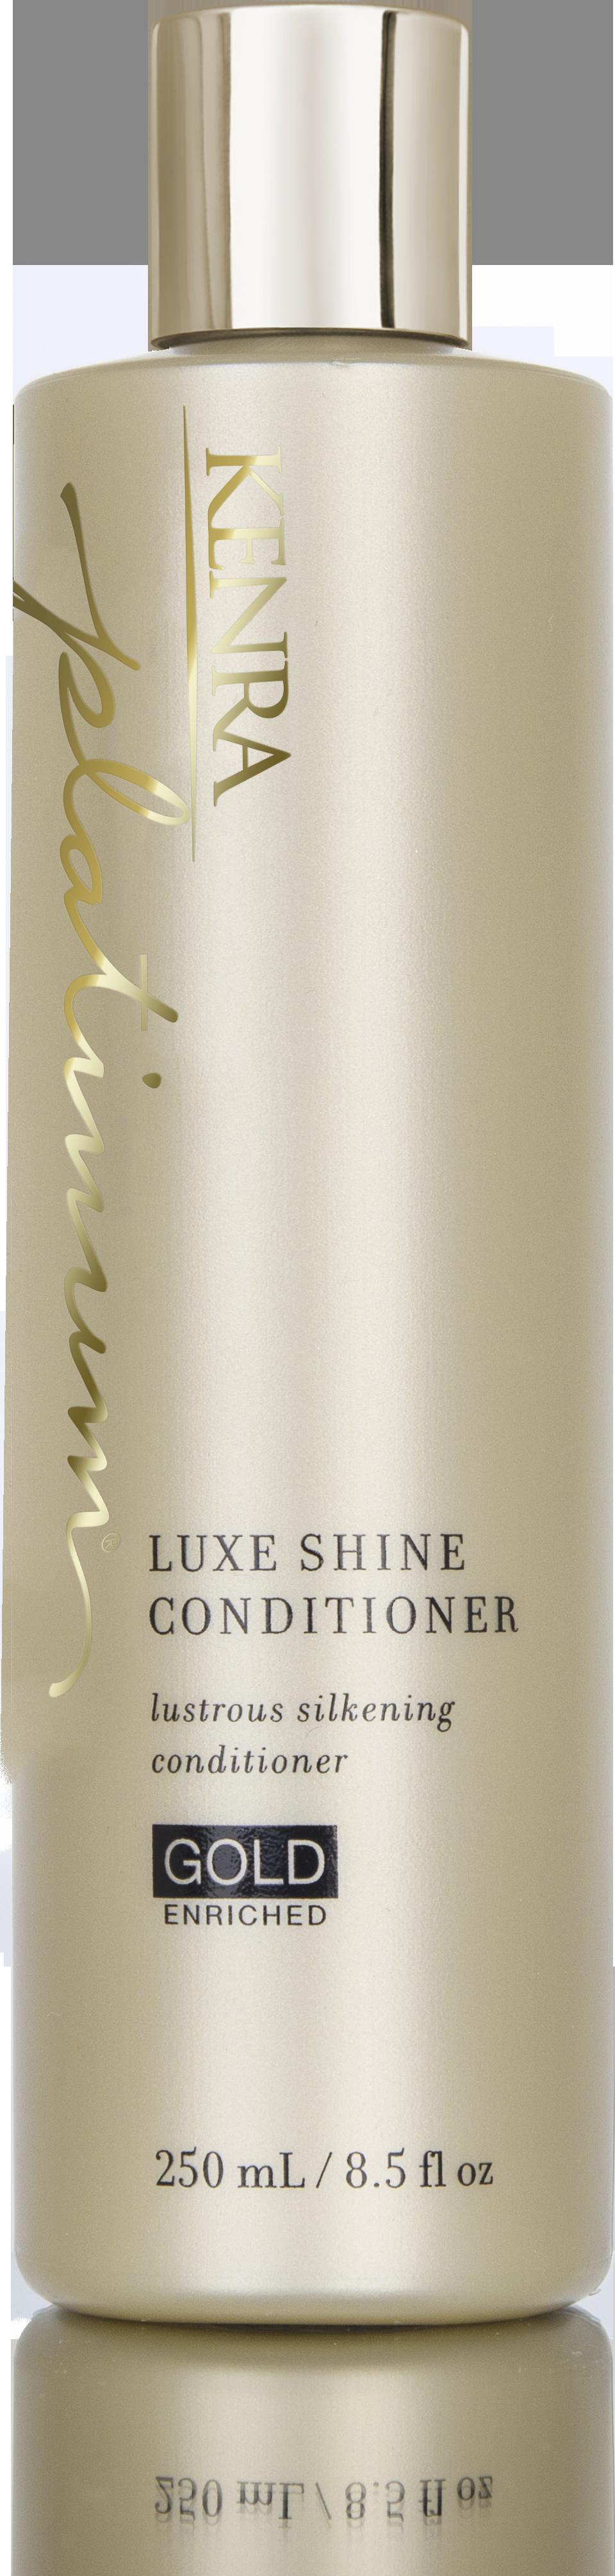 Luxe Shine Conditioner